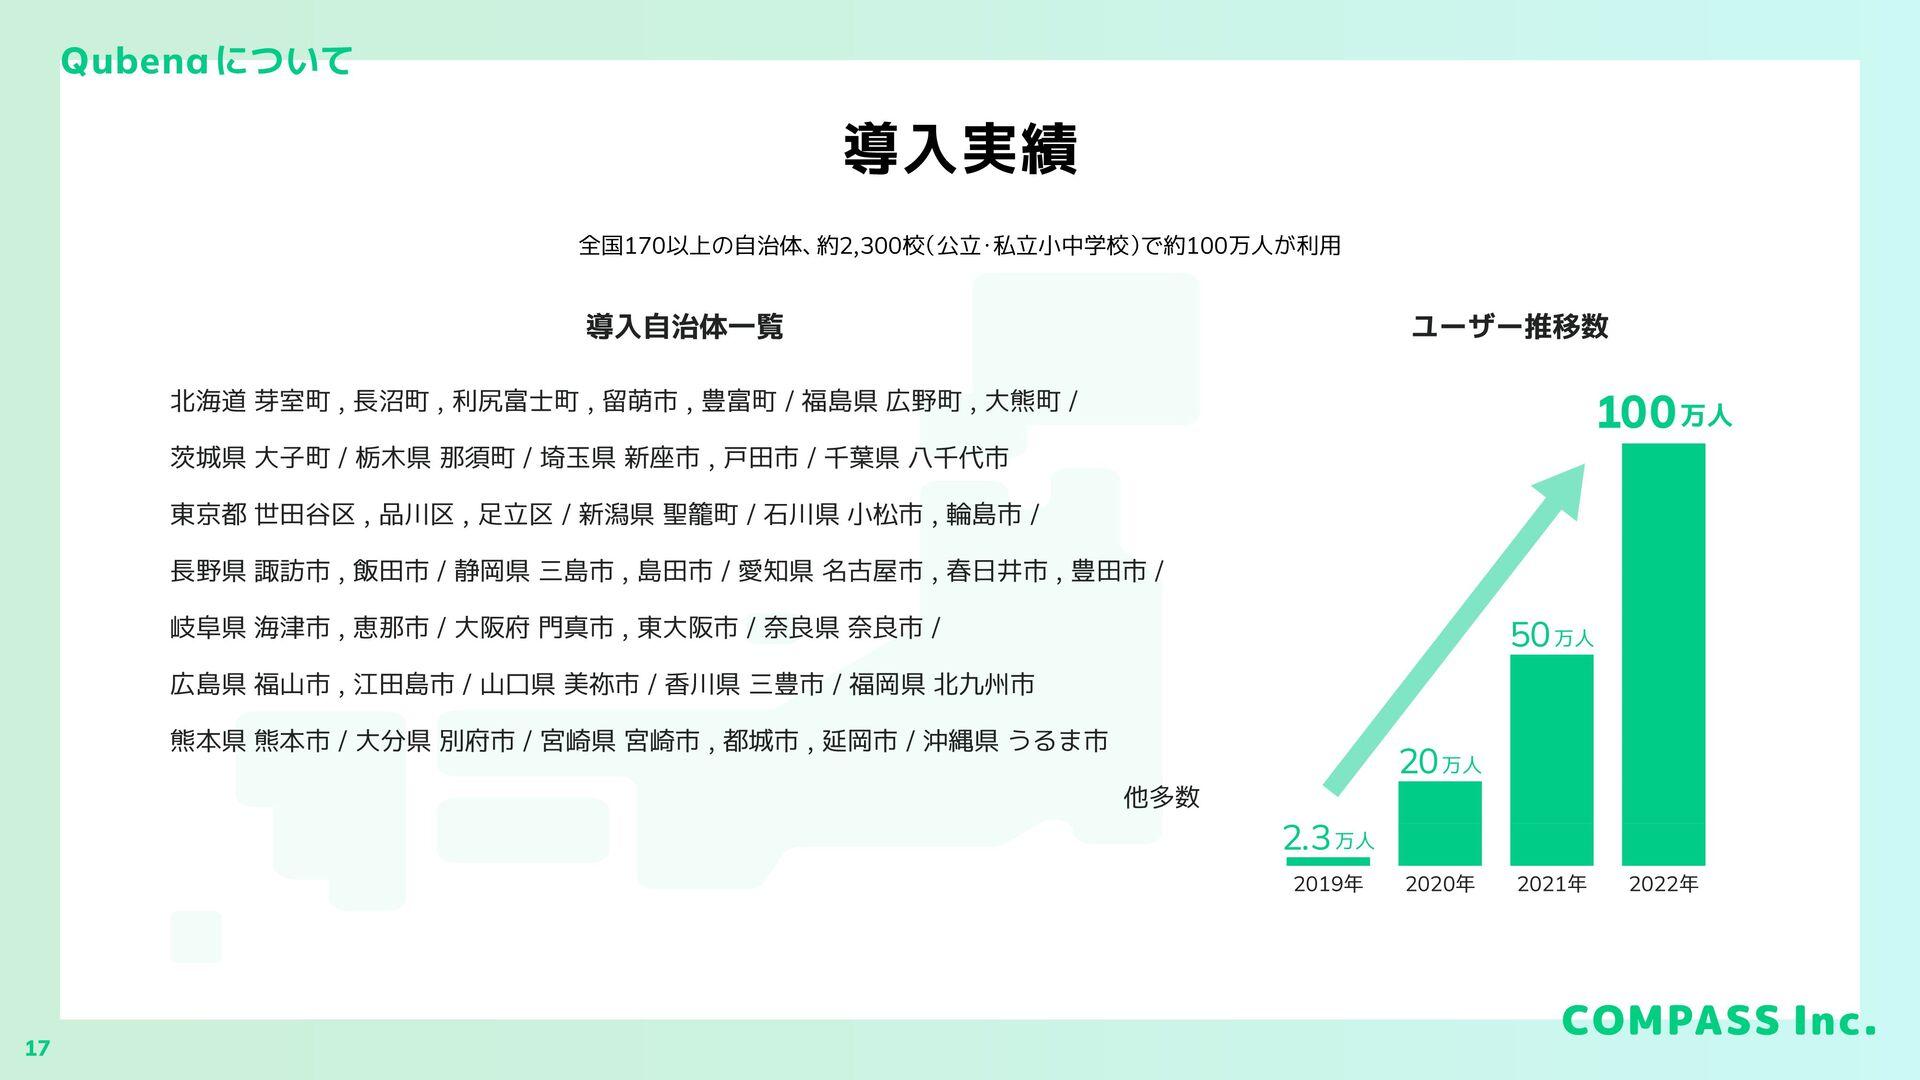 経済産業省 「未来の教室」 において3年連続採択 先生による板書での講義を減らし、生徒たちが ...